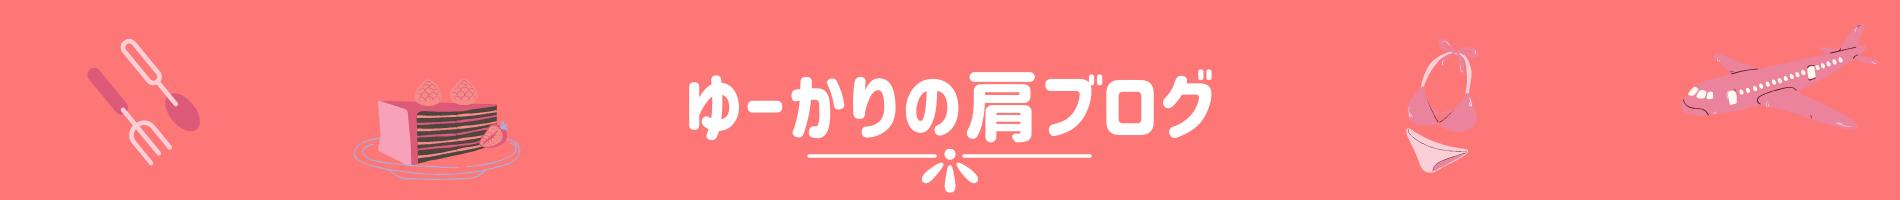 ゆーかりの肩ブログ